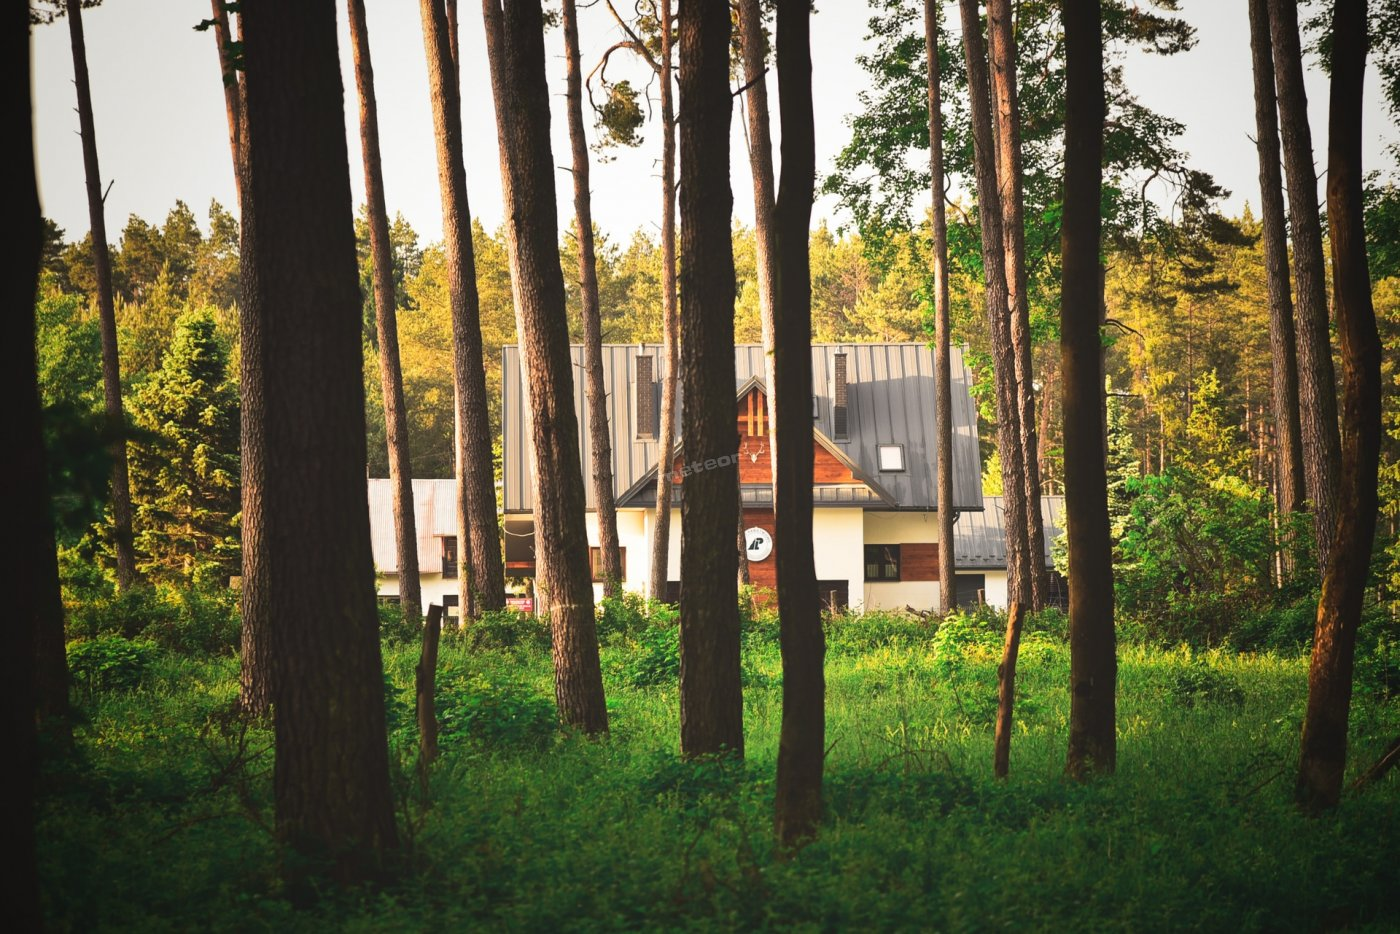 Kwatera położona jest przy granicy lasu